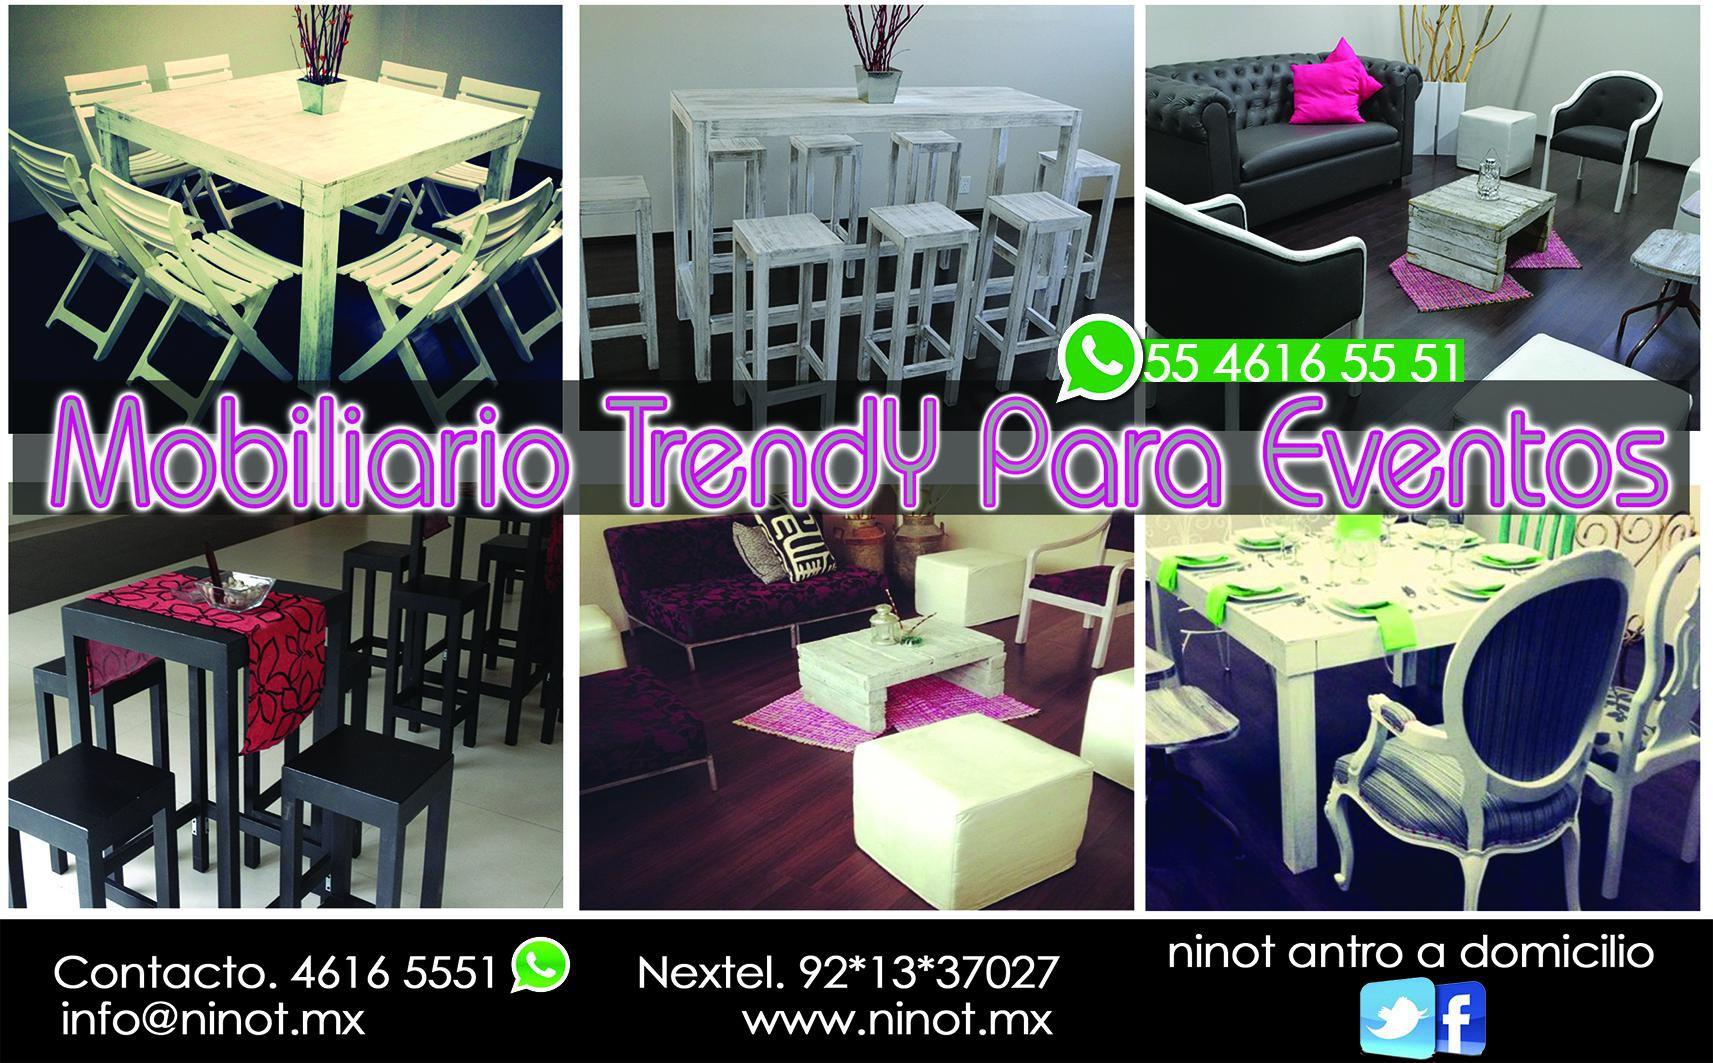 Mobiliario Eventos Renta De Salas Renta De Periqueras Salas  # Muebles Lounge Para Eventos